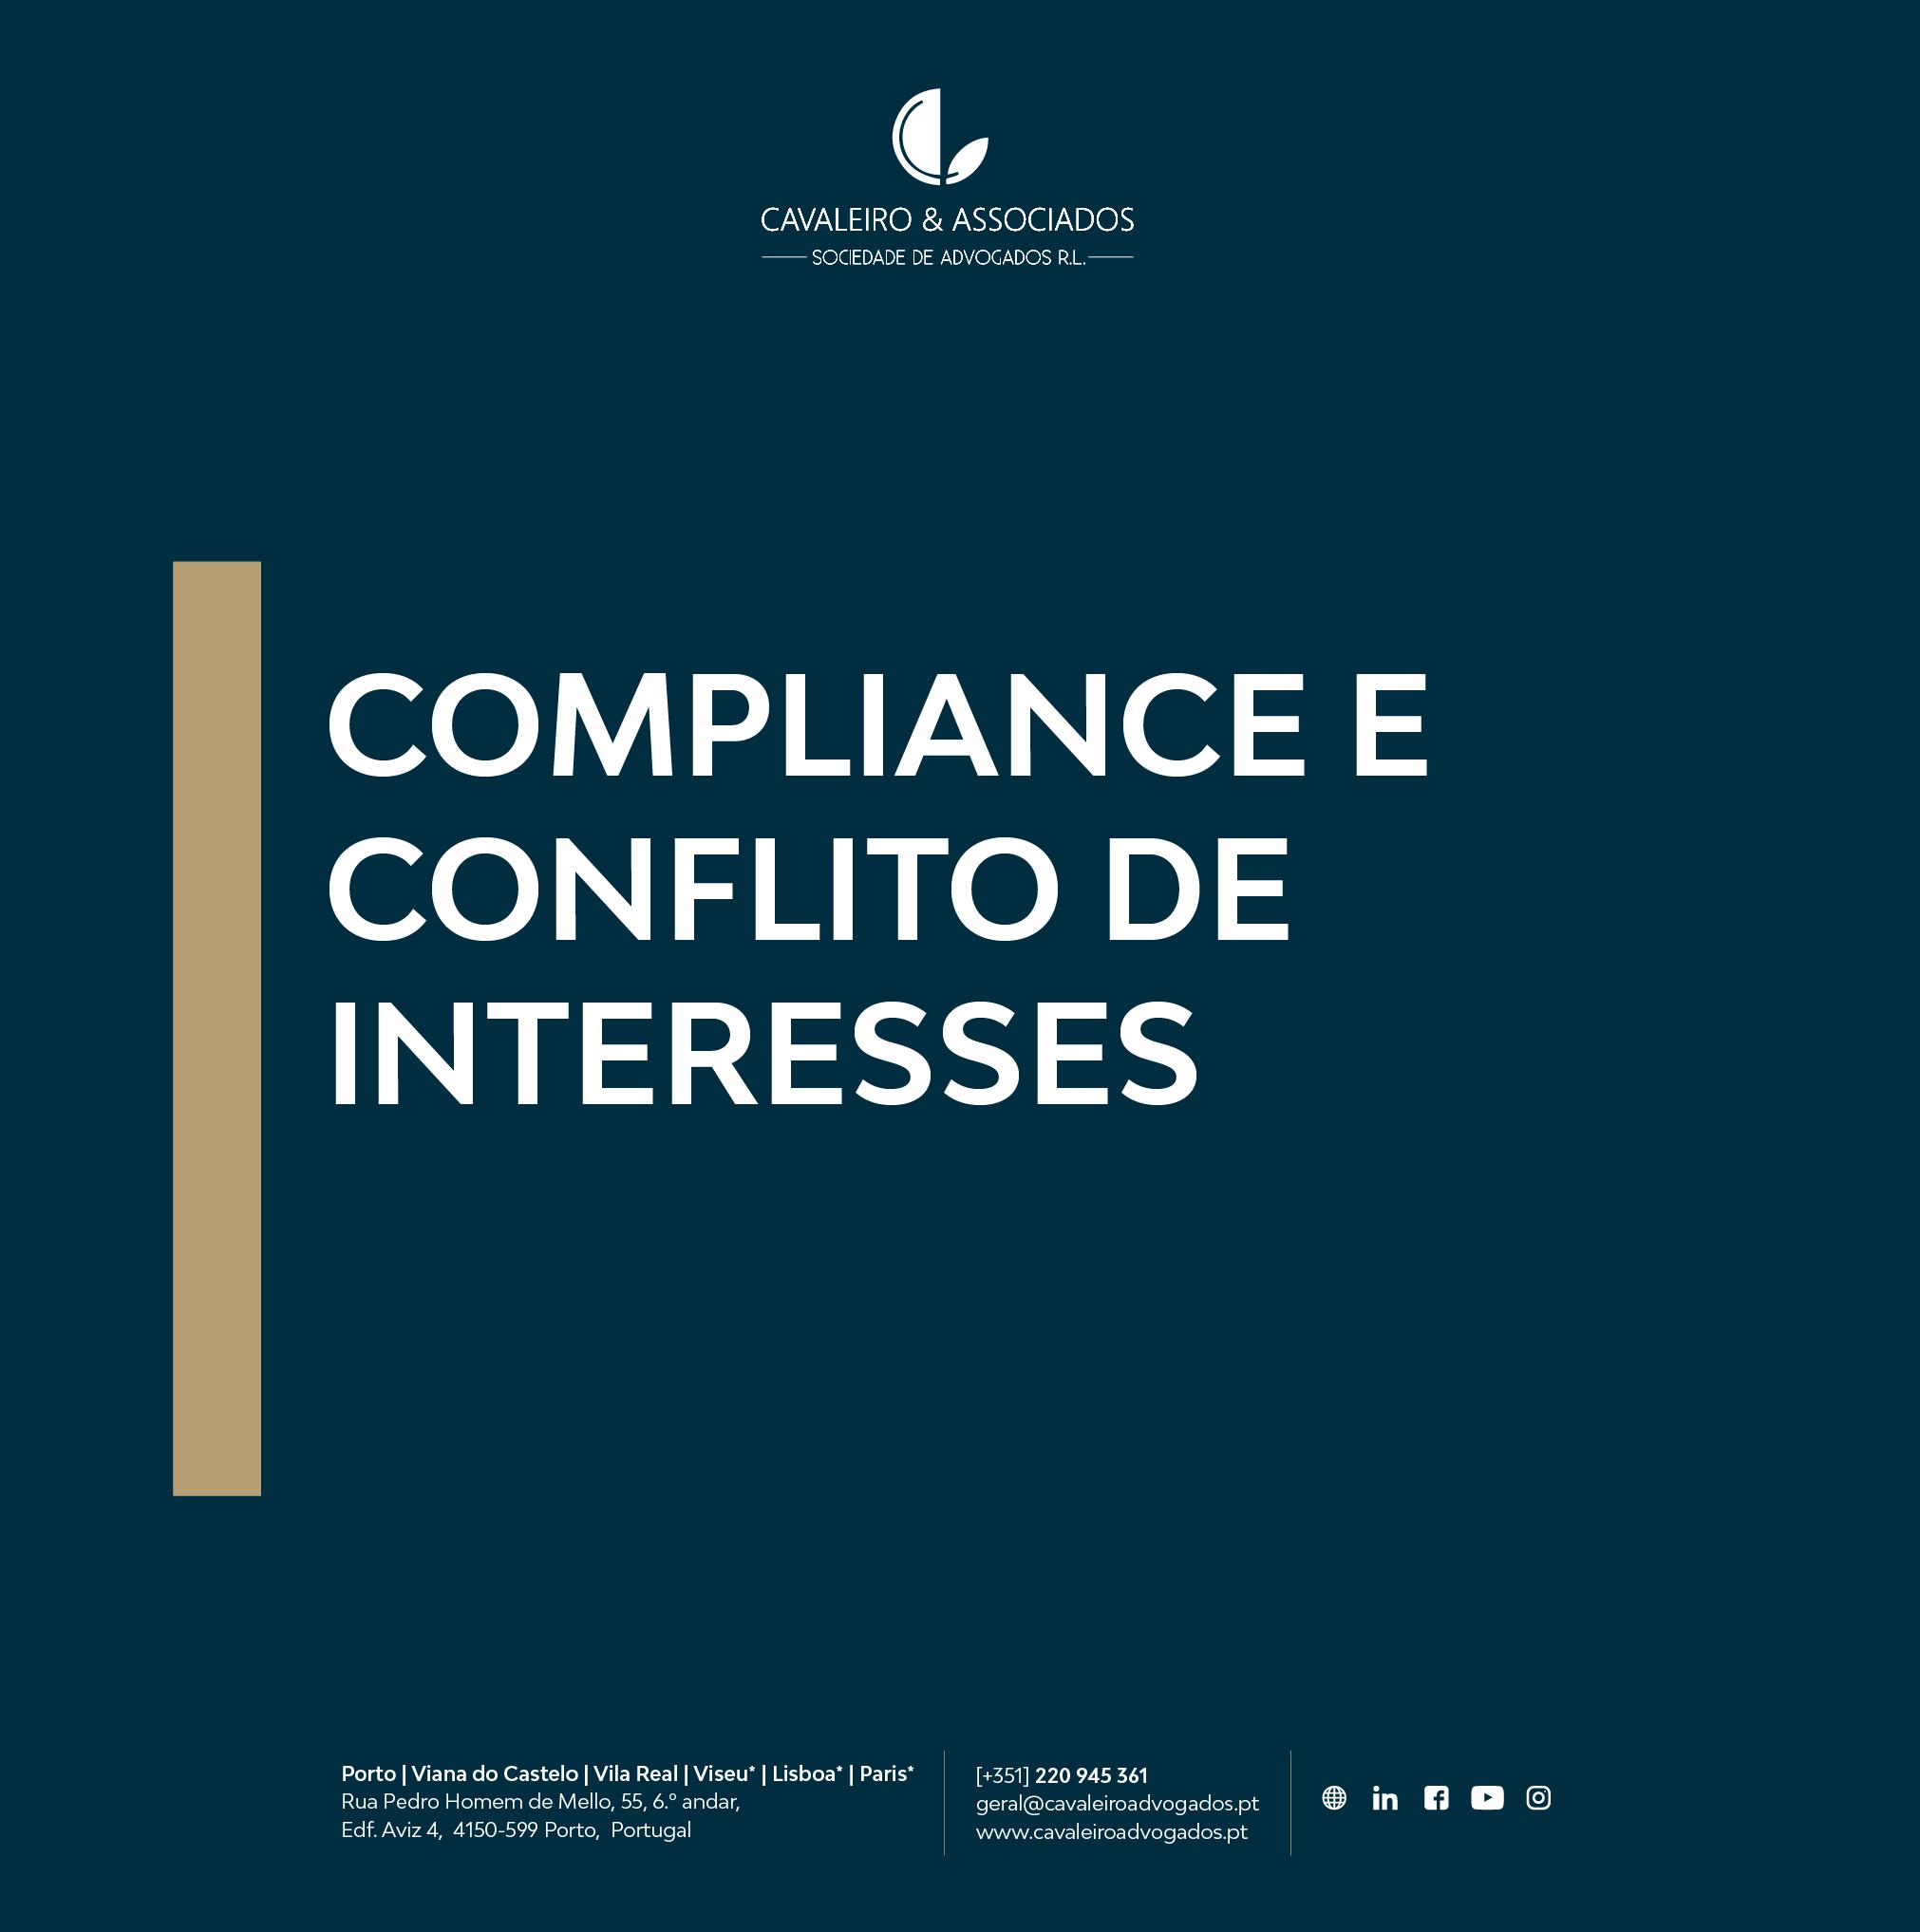 COMPLIANCE E CONFLITO DE INTERESSES